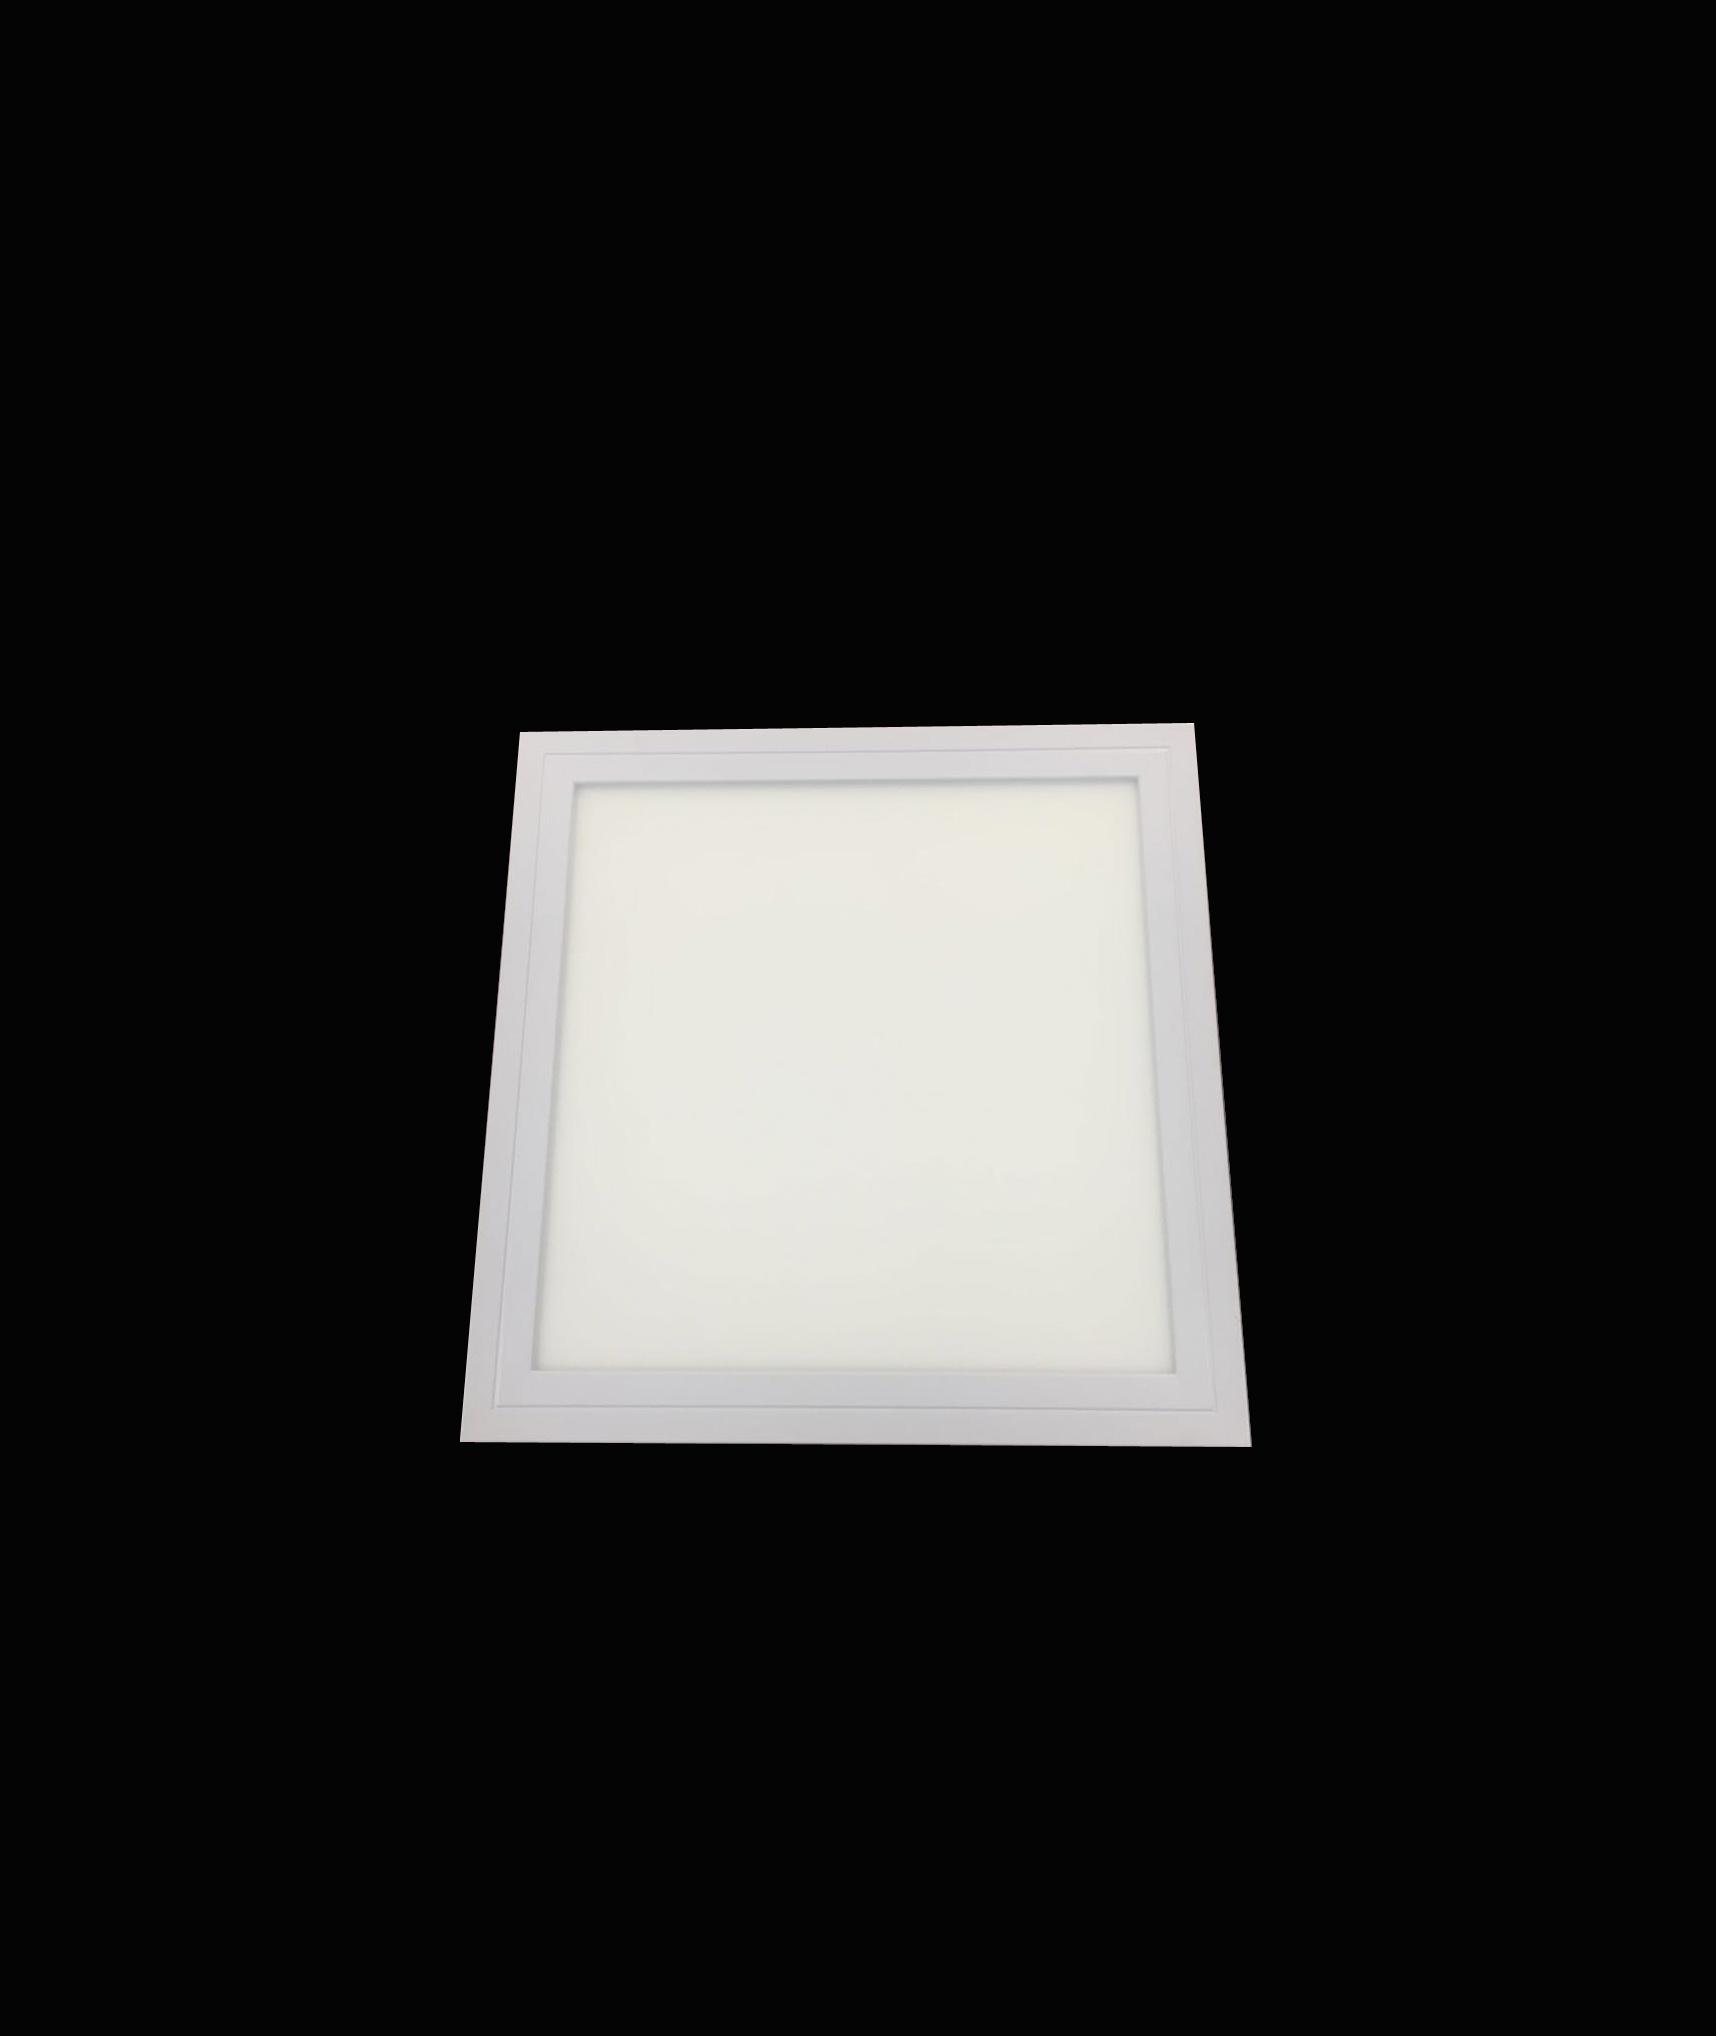 ip65 dc12v led panel light freeled. Black Bedroom Furniture Sets. Home Design Ideas